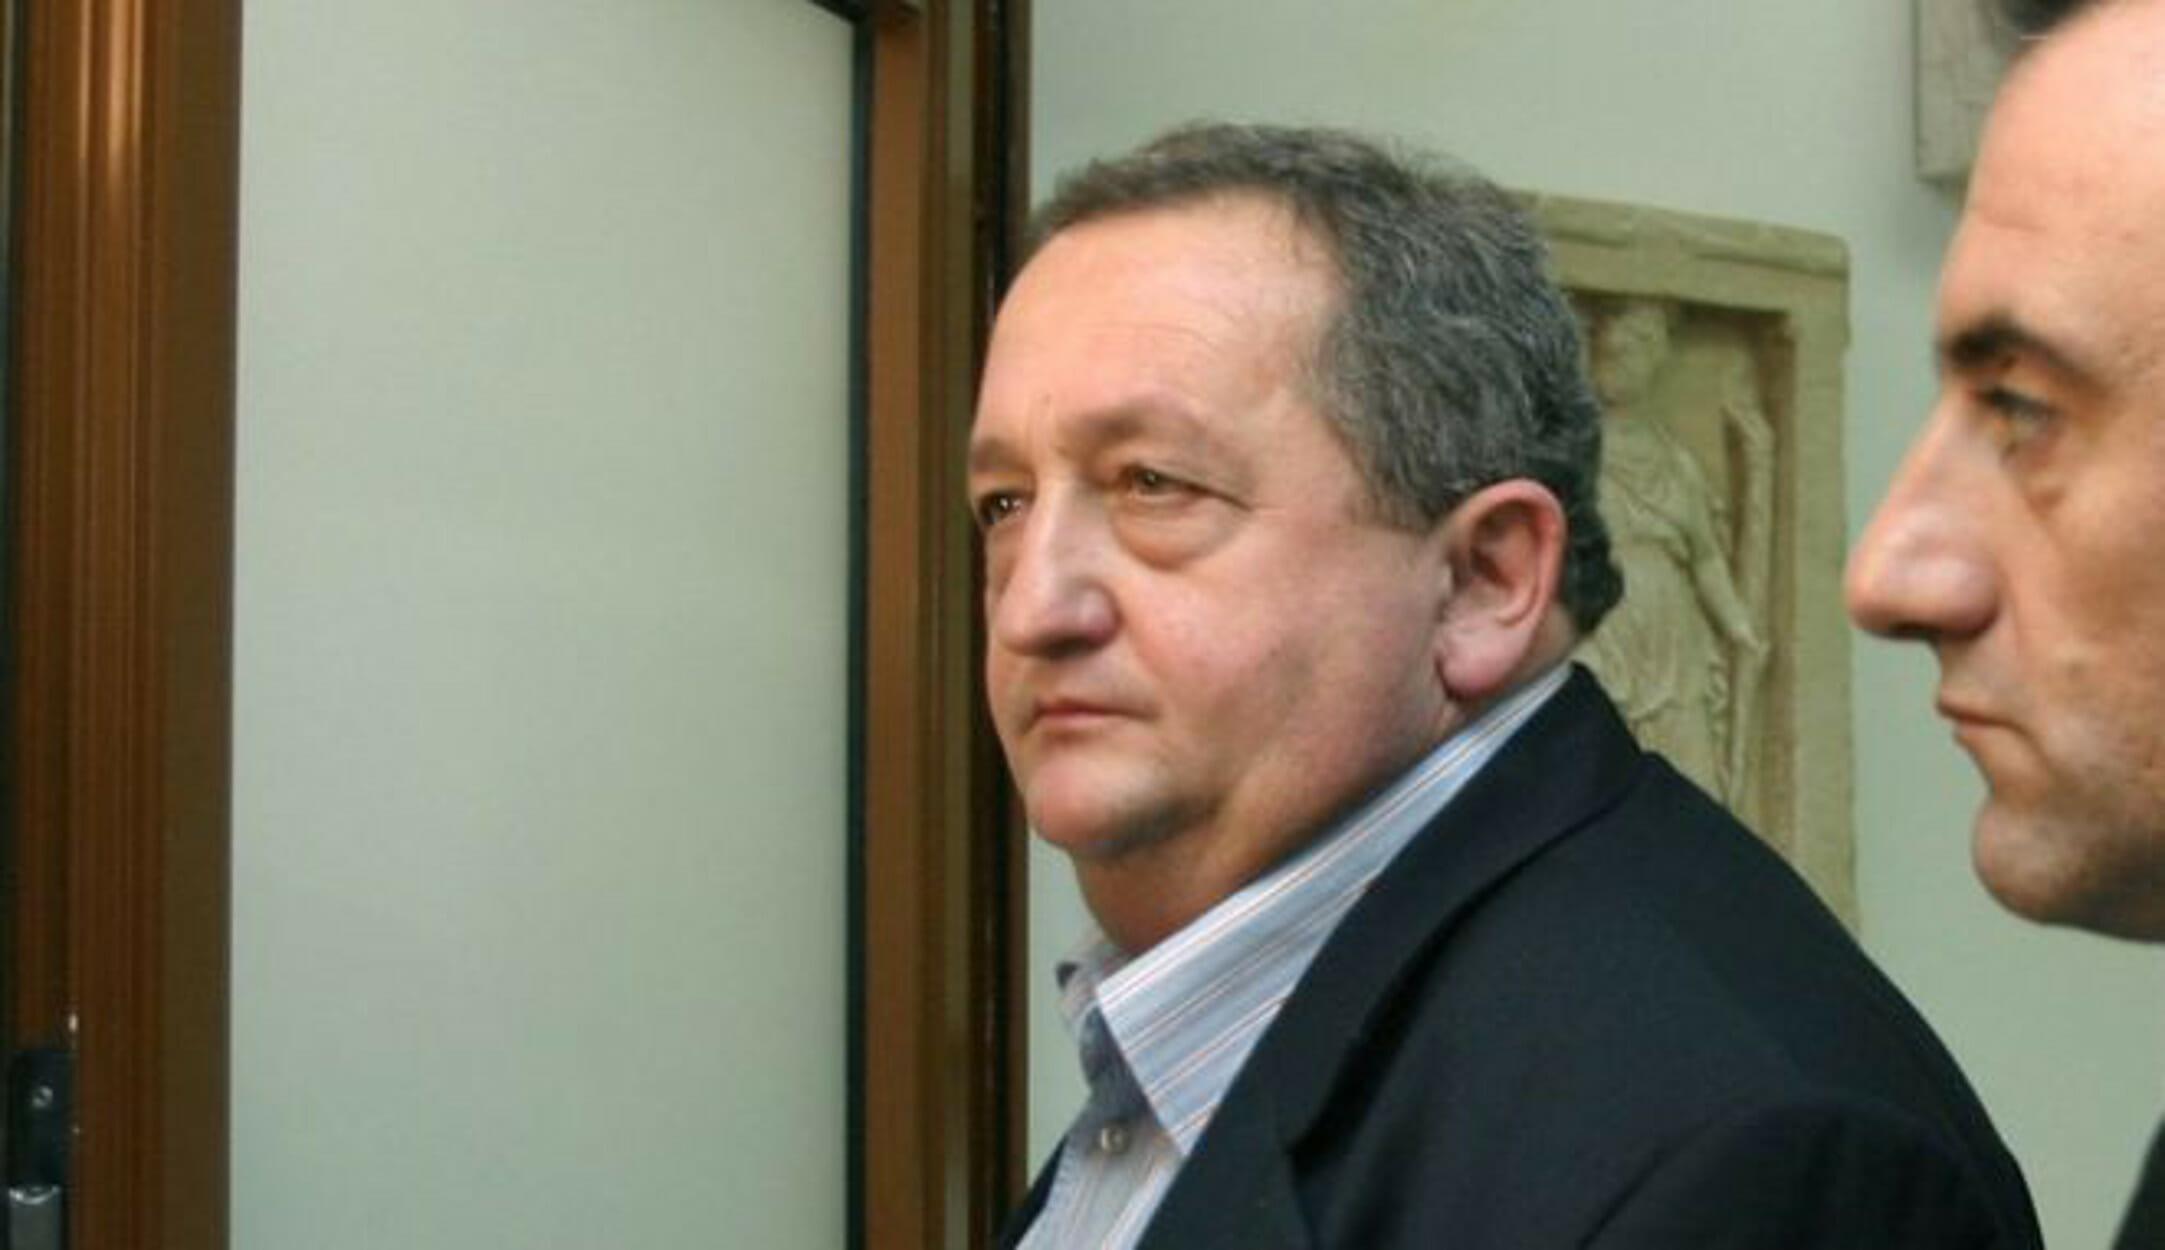 Πέθανε ο γνωστός αγροτοσυνδικαλιστής Θανάσης Νασίκας